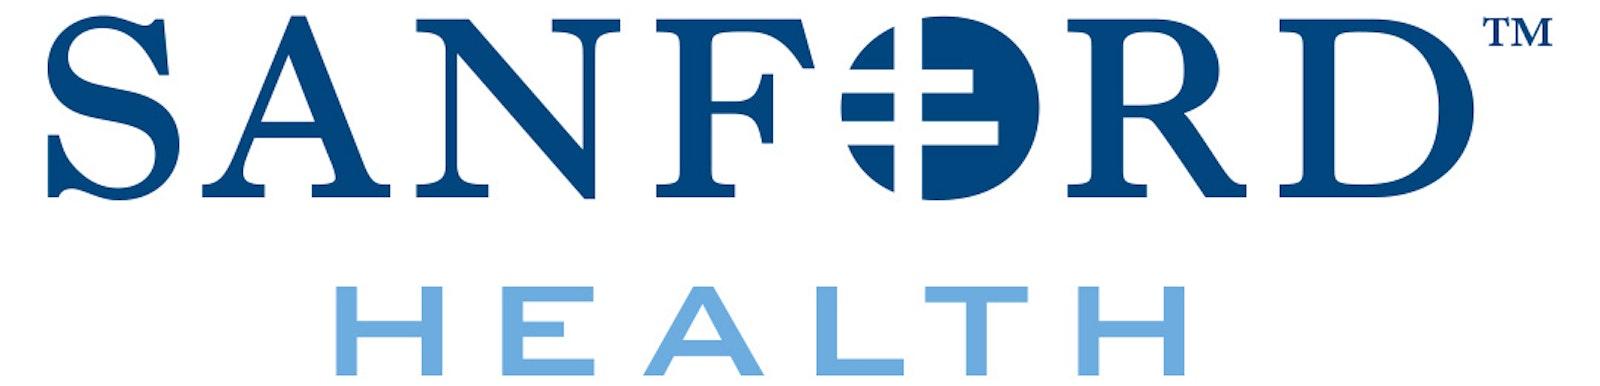 Sandford logo